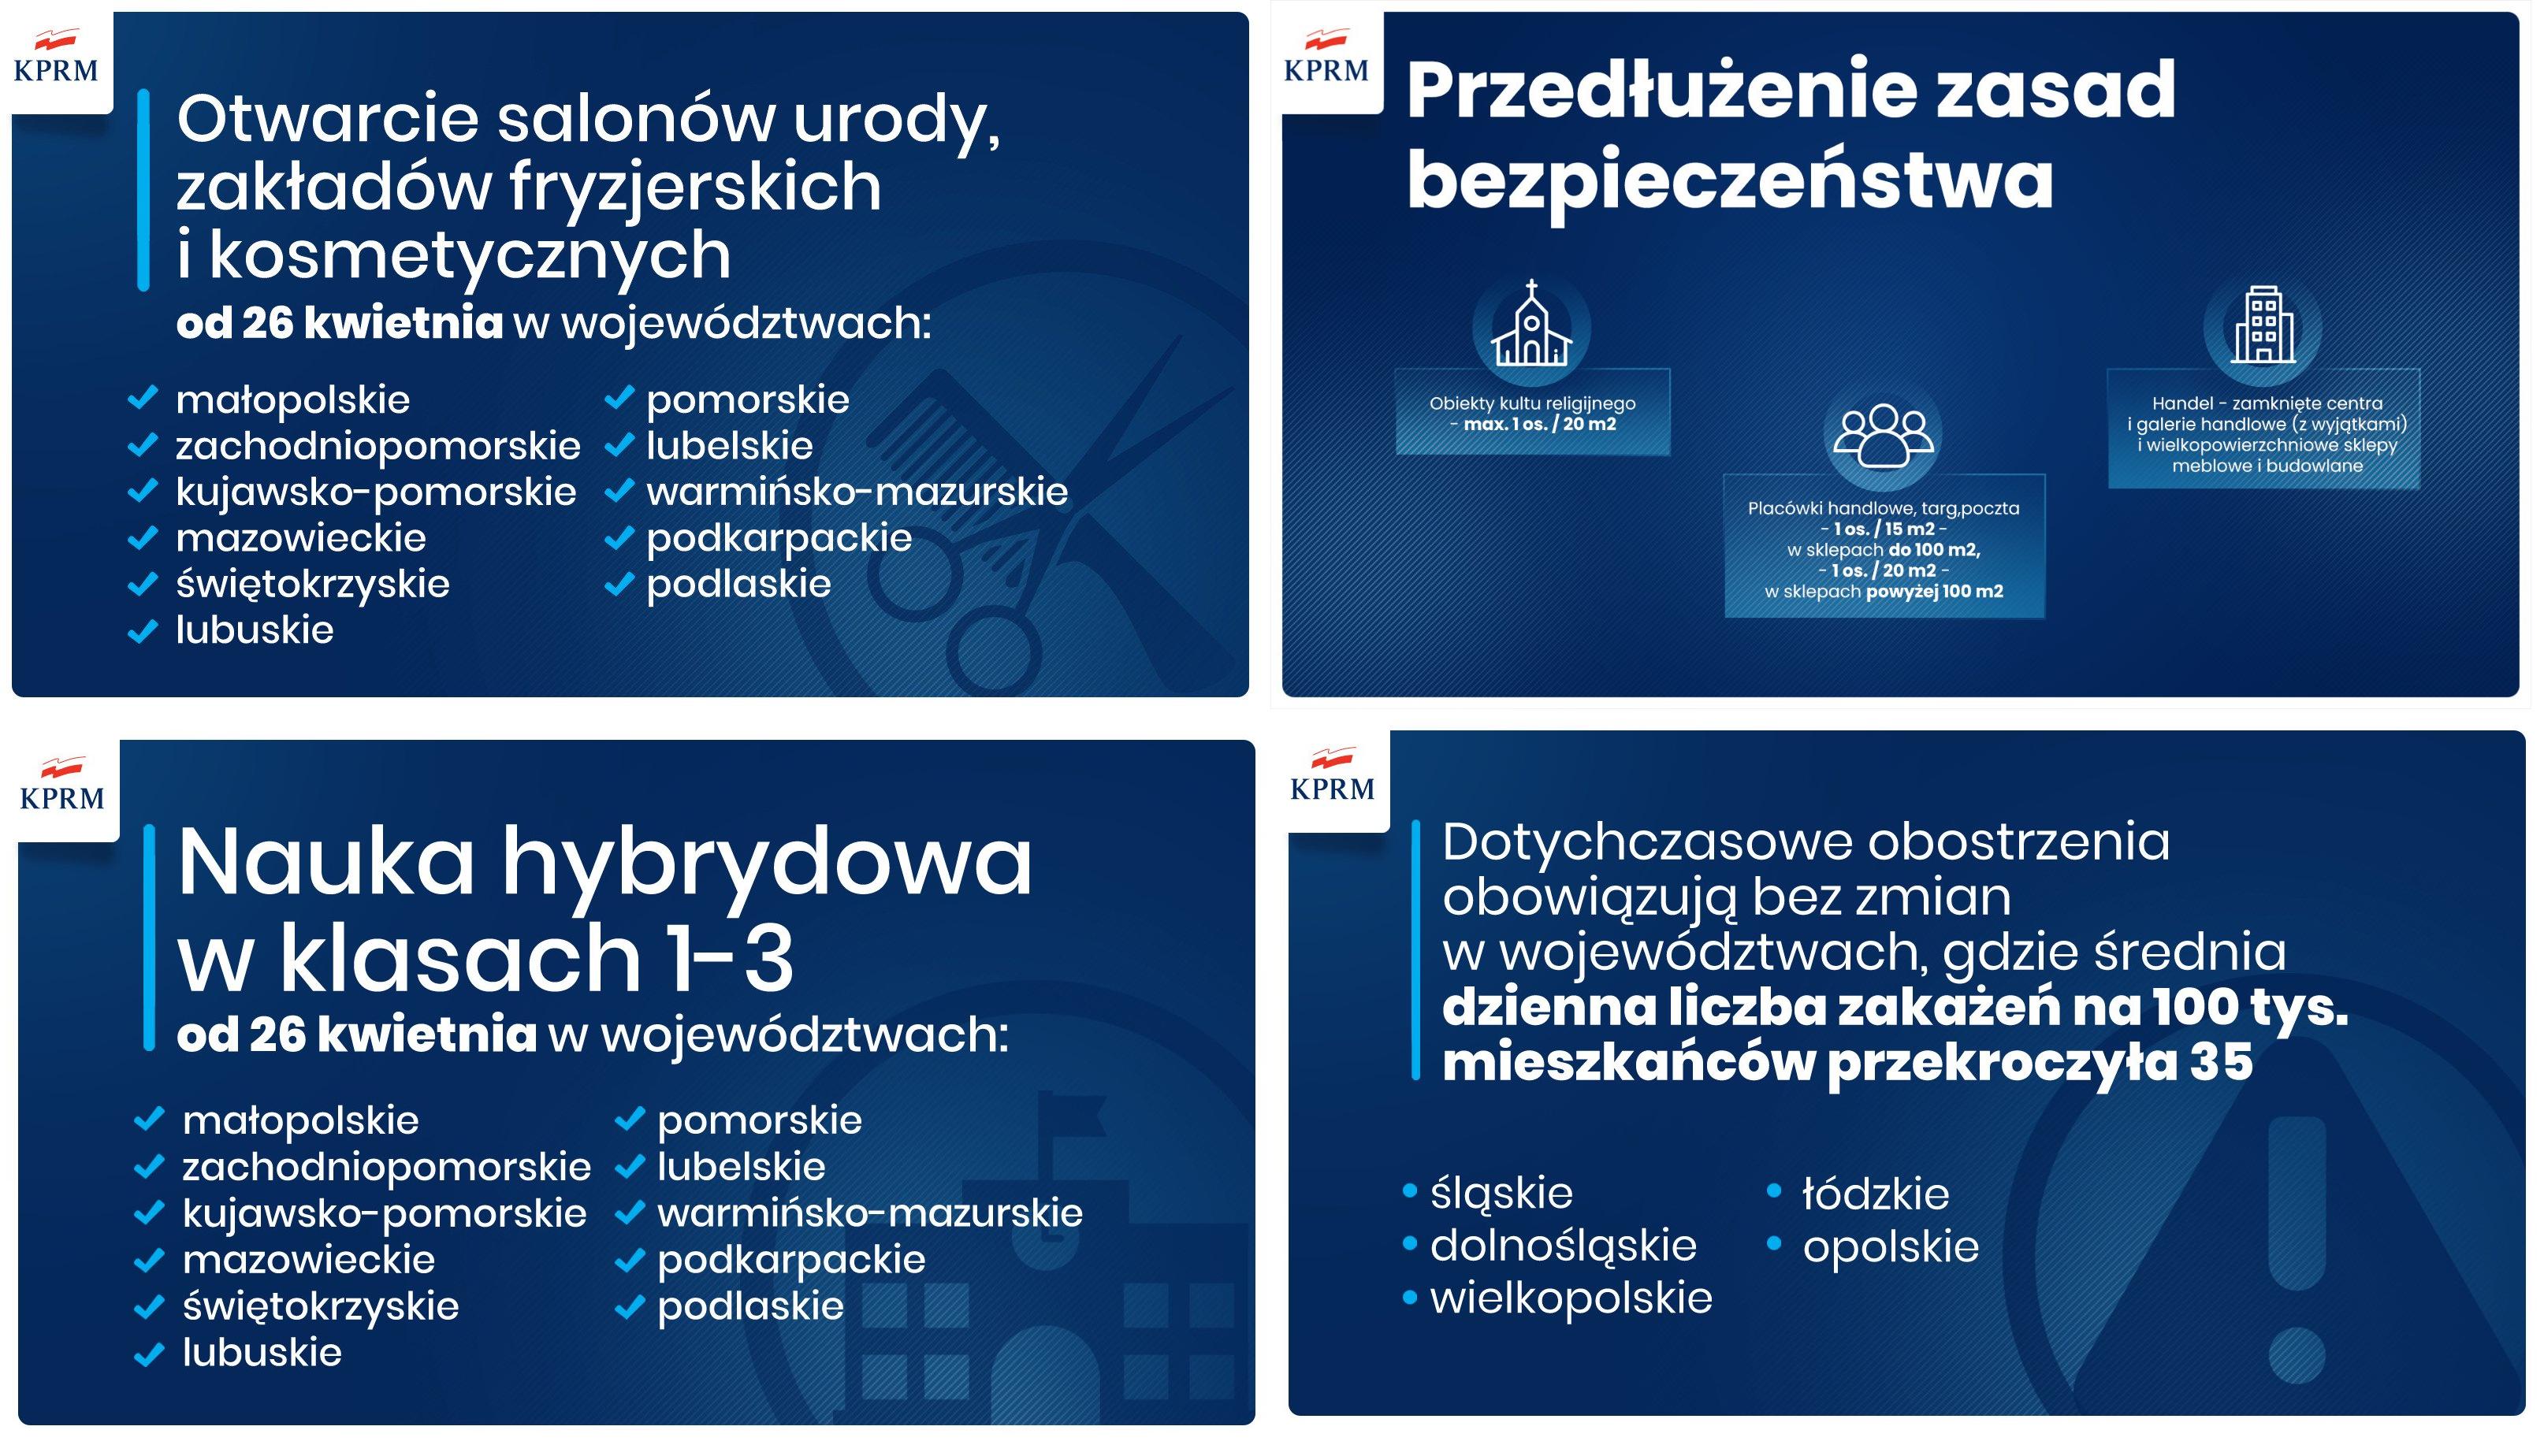 Od 26 kwietnia złagodzone obostrzenia w 11 województwach